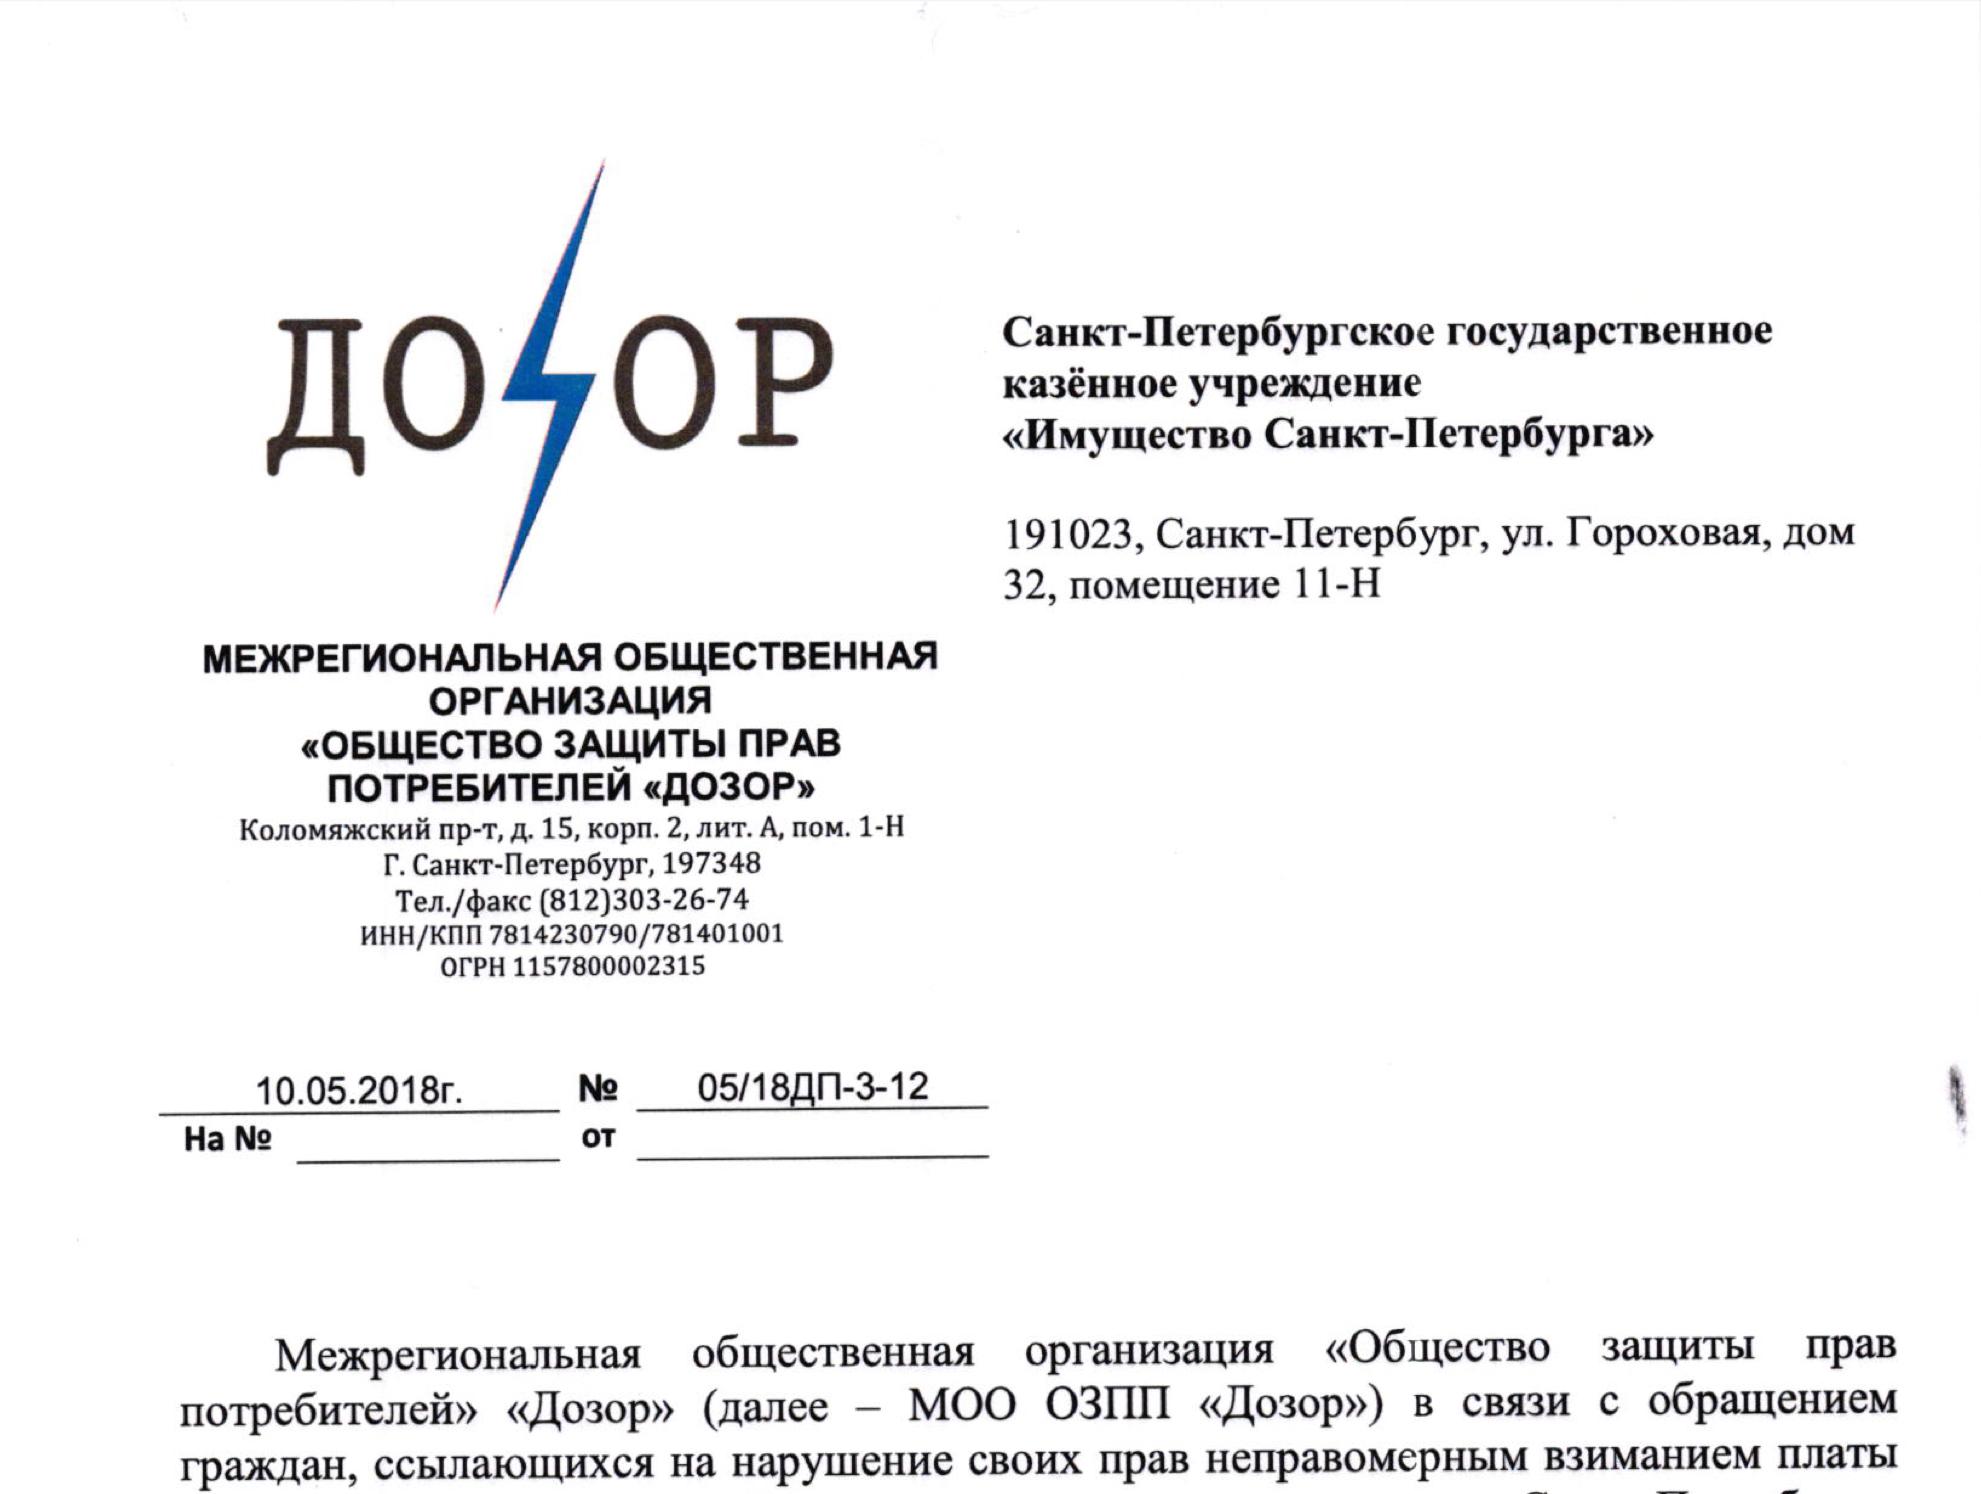 Обращение в ГАТИ Санкт-Петербурга в связи с обращениями граждан ссылающихся на нарушение их прав неправомерным взыманием платы и установкой шлагбаумов на парковке около ТЦ «Сити Молл»